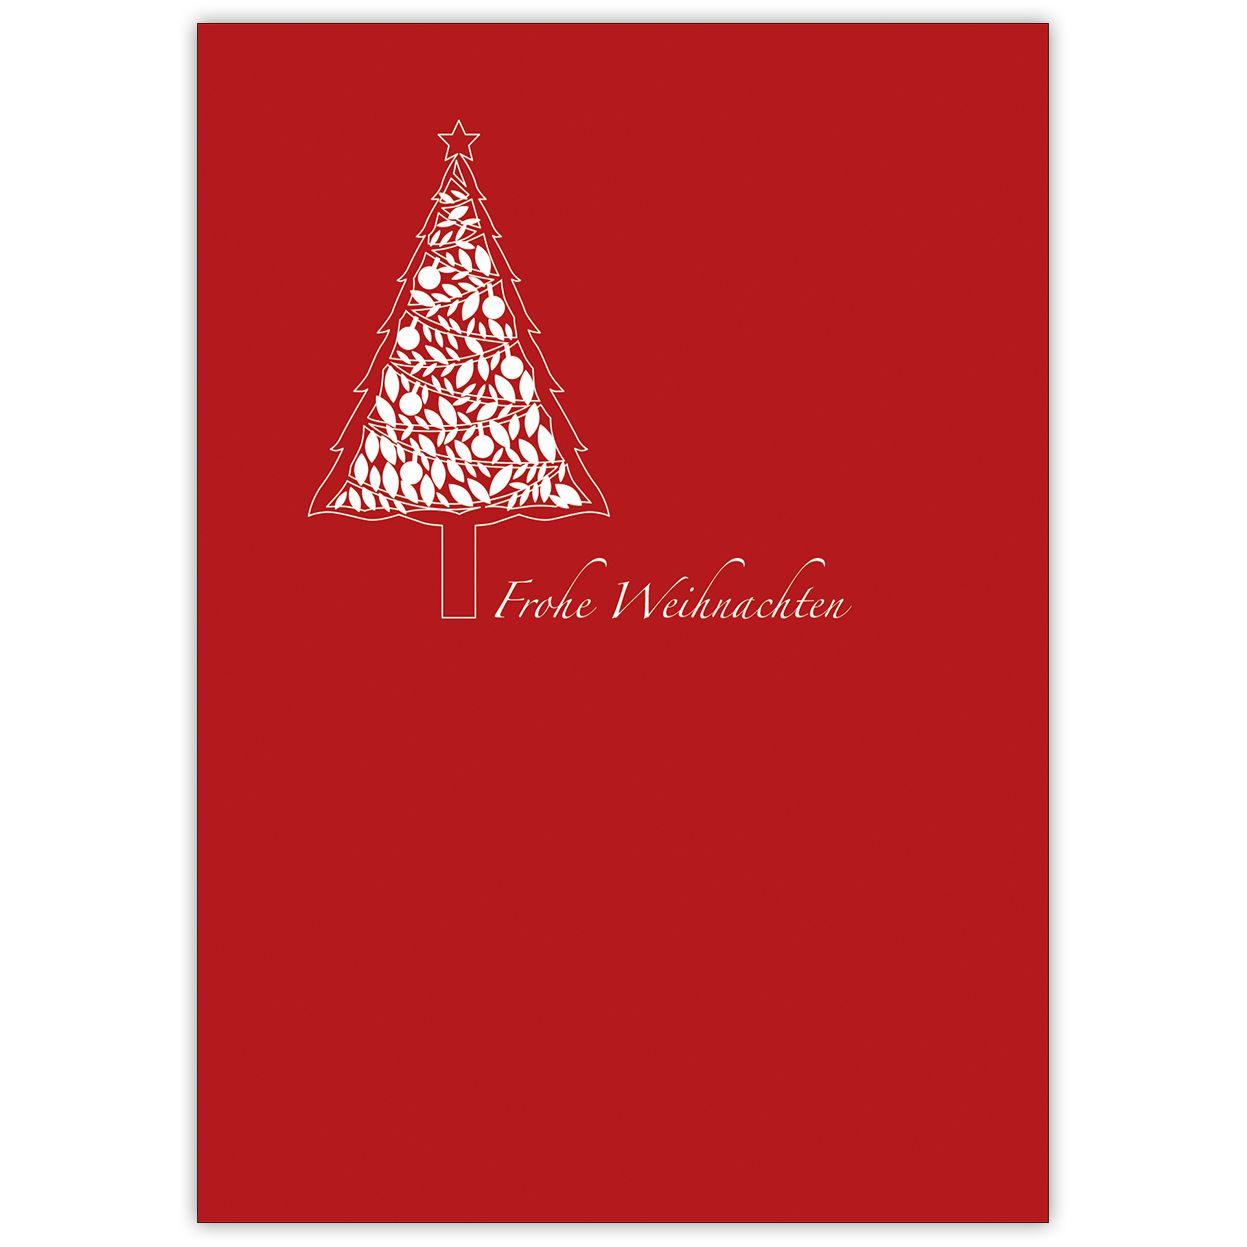 Entzückend Edle Weihnachtskarten Basteln Sammlung Von Weihnachtskarte In Rot Mit Wunderschönem, Grafischen Weihnachtsbaum: